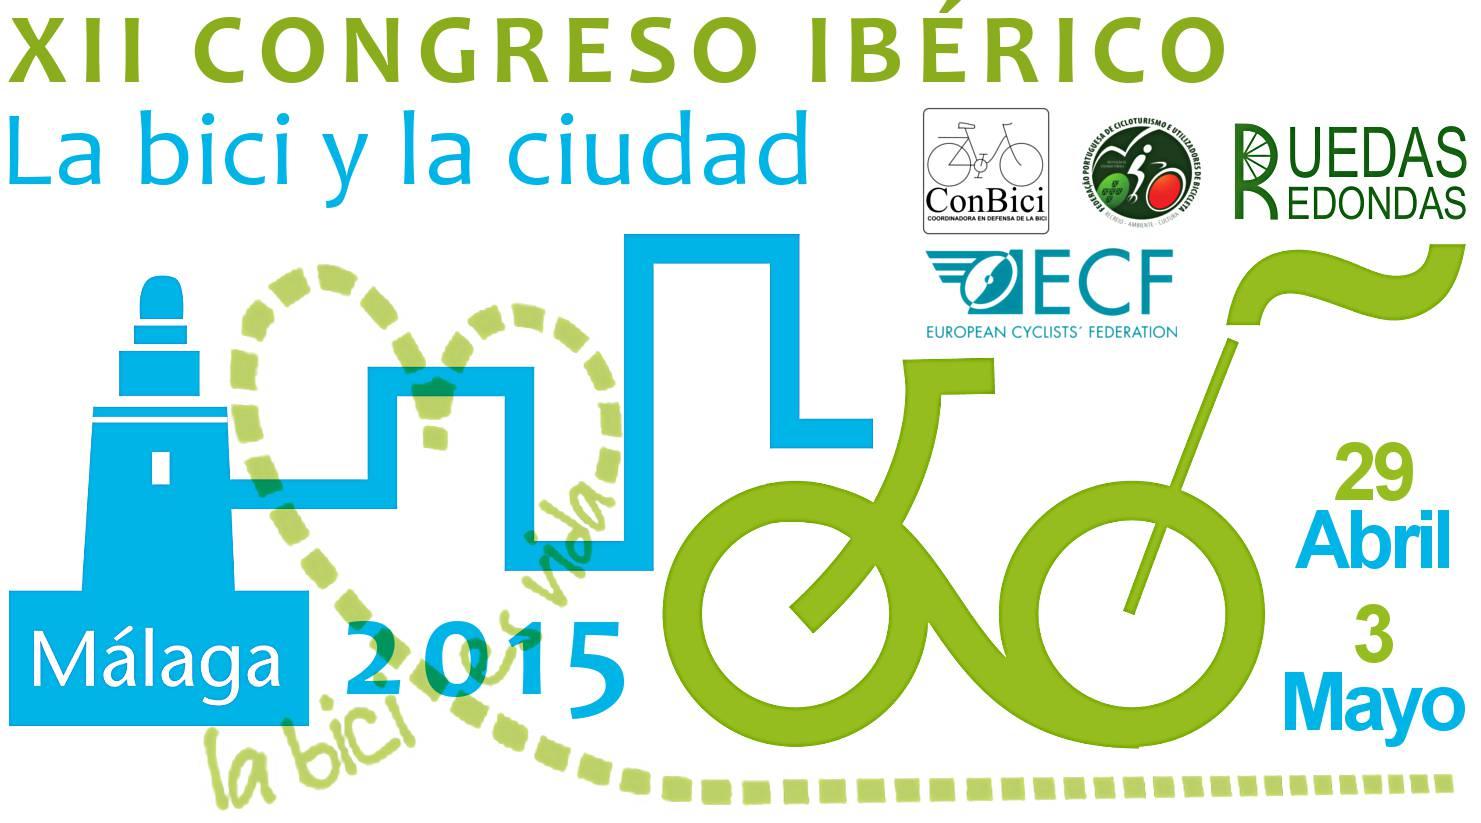 XII Congreso Ibérico La Bici y La Ciudad. Málaga 2015